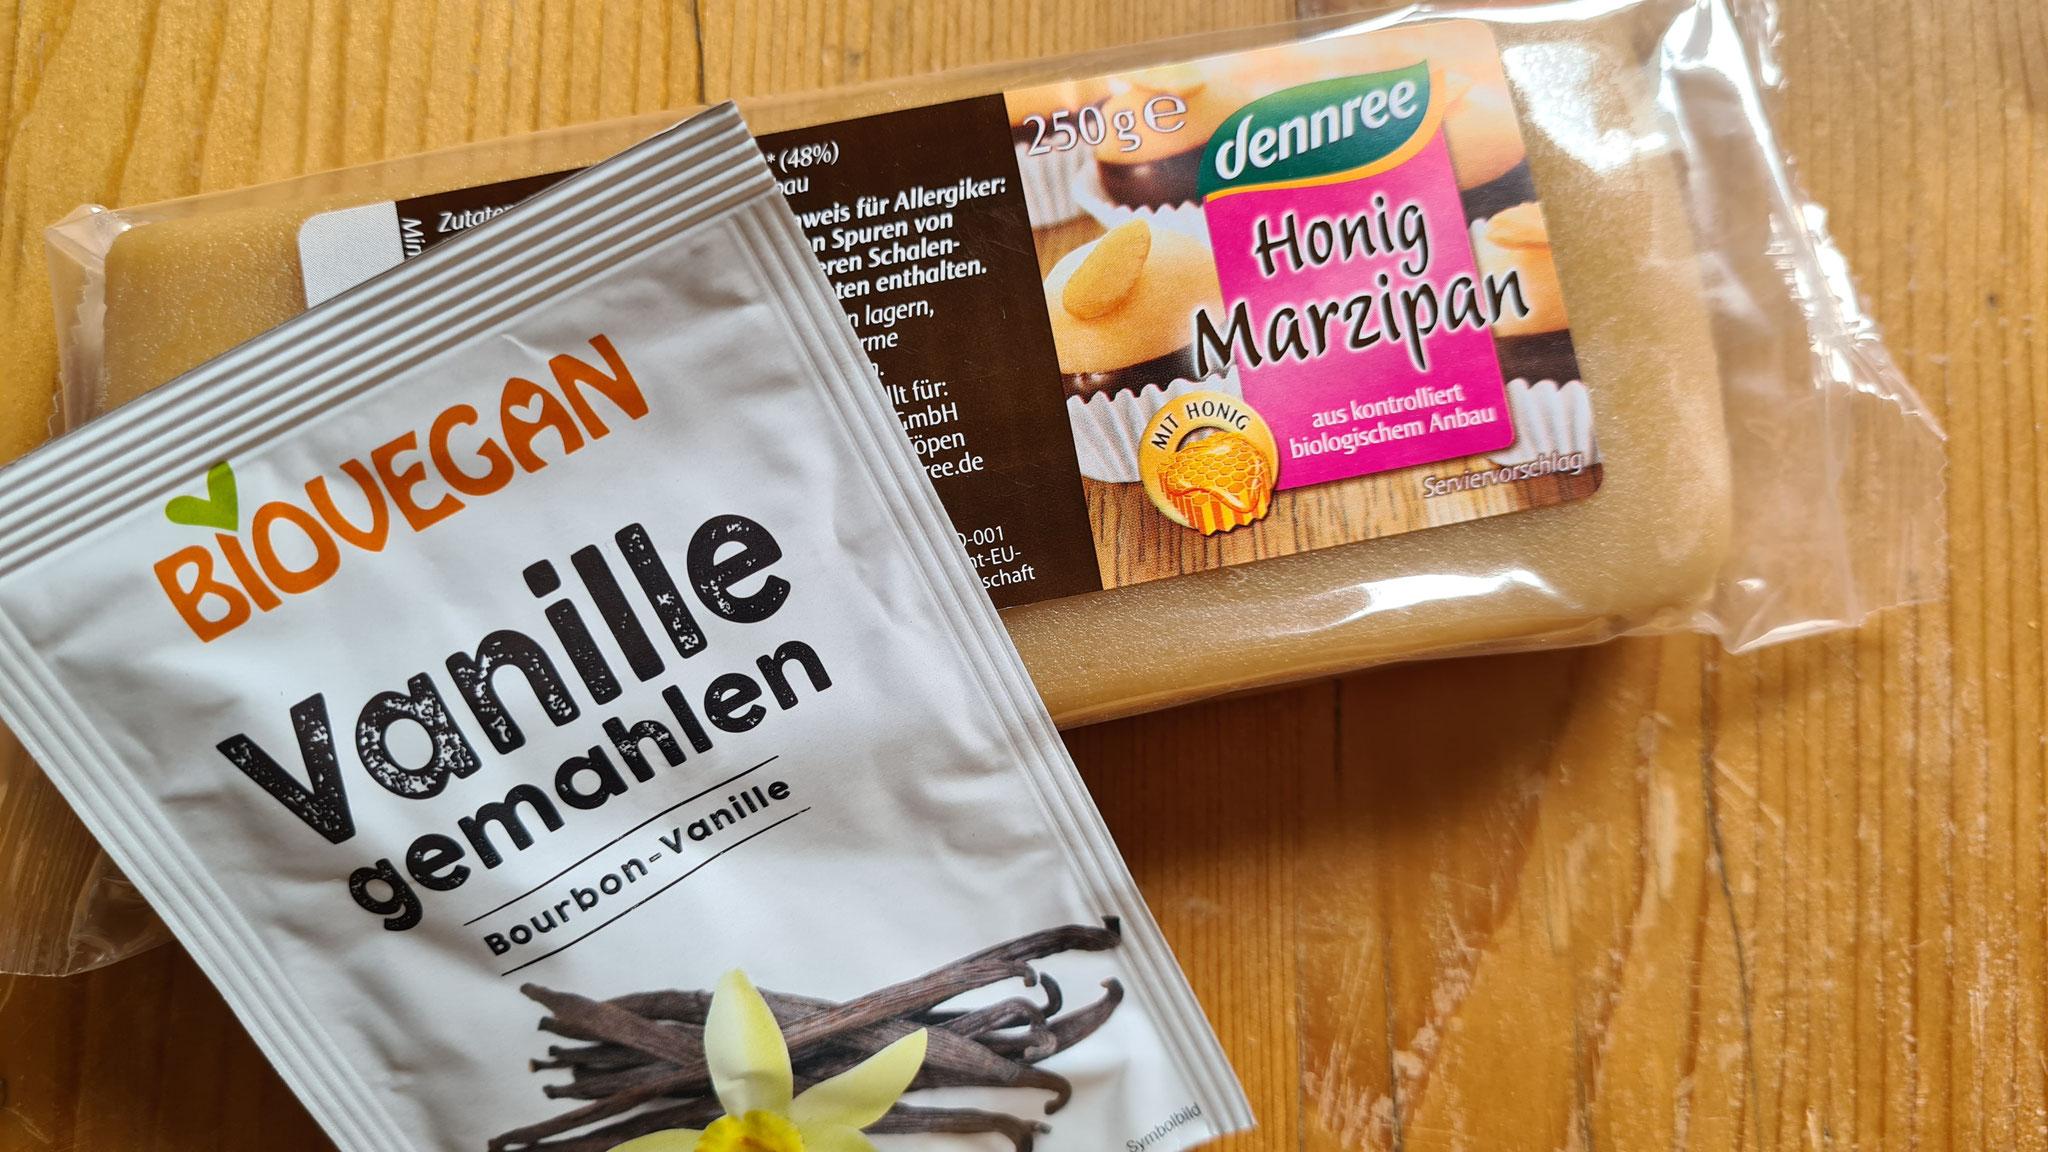 Honigmarzipan und gemahlene Vanille kaufe ich im Bio-Supermarkt